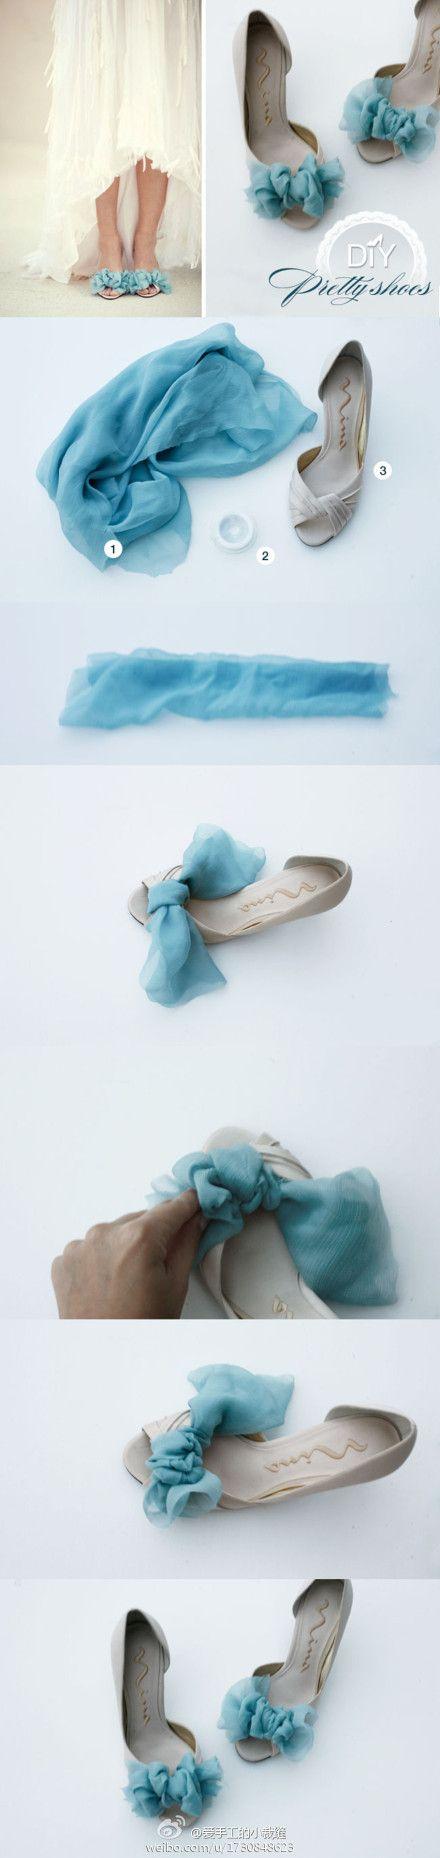 shoes...: